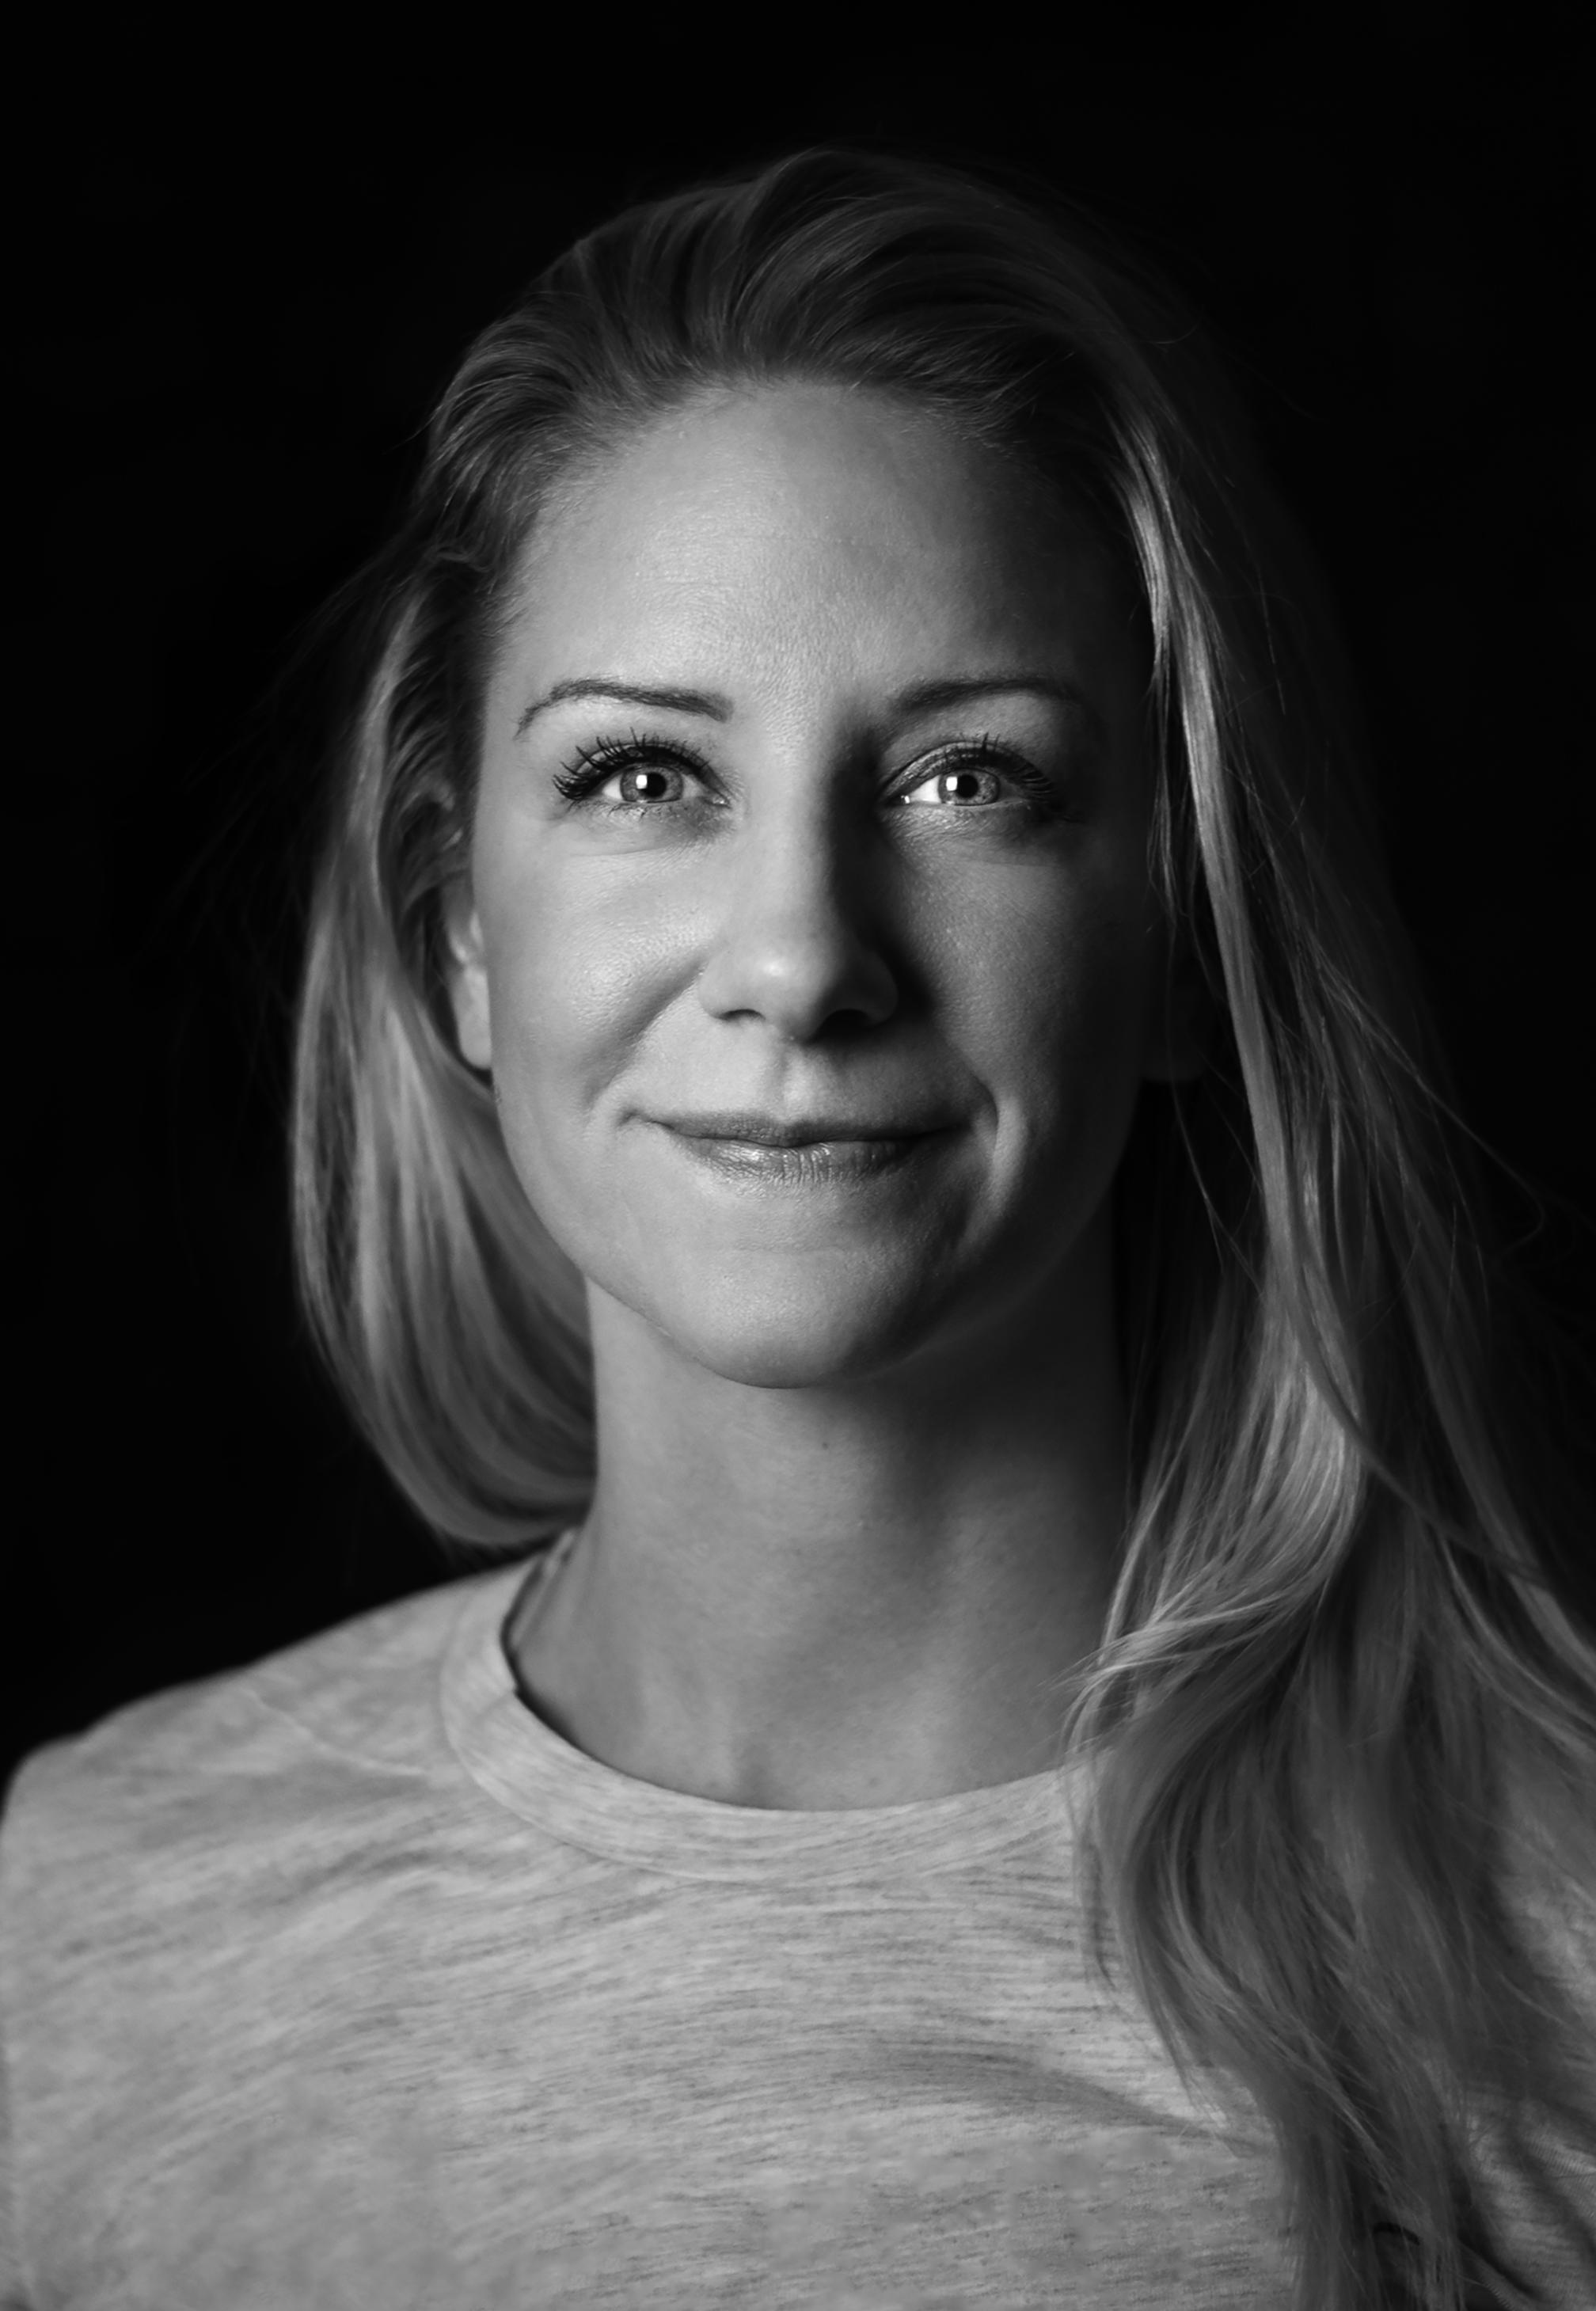 EMMA haglund - Emma Haglund är legitimerad naprapat som är vidareutbildad inom Dry needeling (smärtbehandling med nålar), kinesiotejp och har nyligen gått en kurs i löprelaterade skador/ löpteknik.Emma har ett stort intresse för idrott och rehabilitering både av motionärer och elitidrottare men tar också gärna hand om allt från kontorsnacke till huvudvärk och musarm.emma@smartnaprapati.se